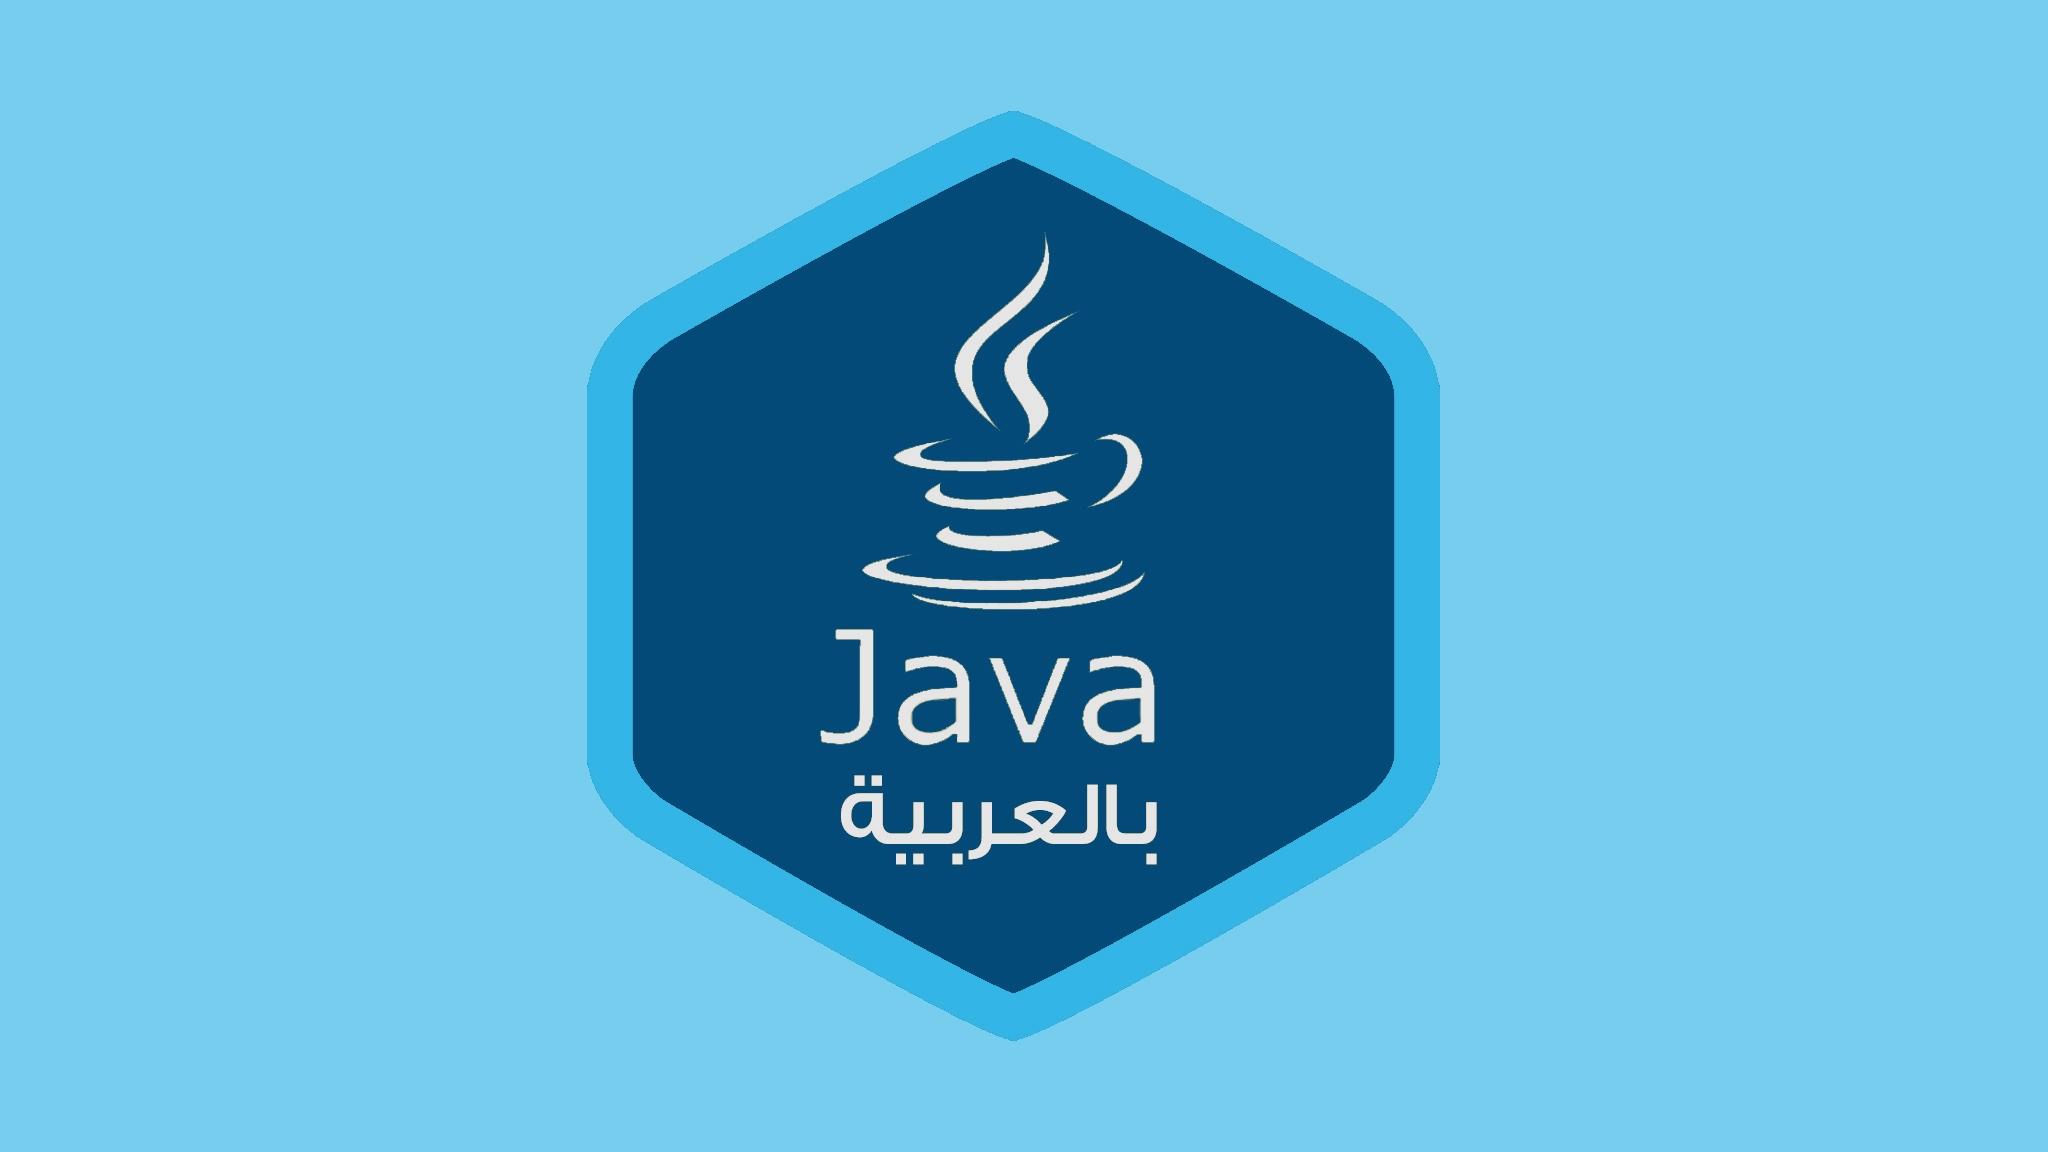 Photo of الدورة الشاملة لمطور الجافا – تعلم تطوير برامج دسكتوب Java